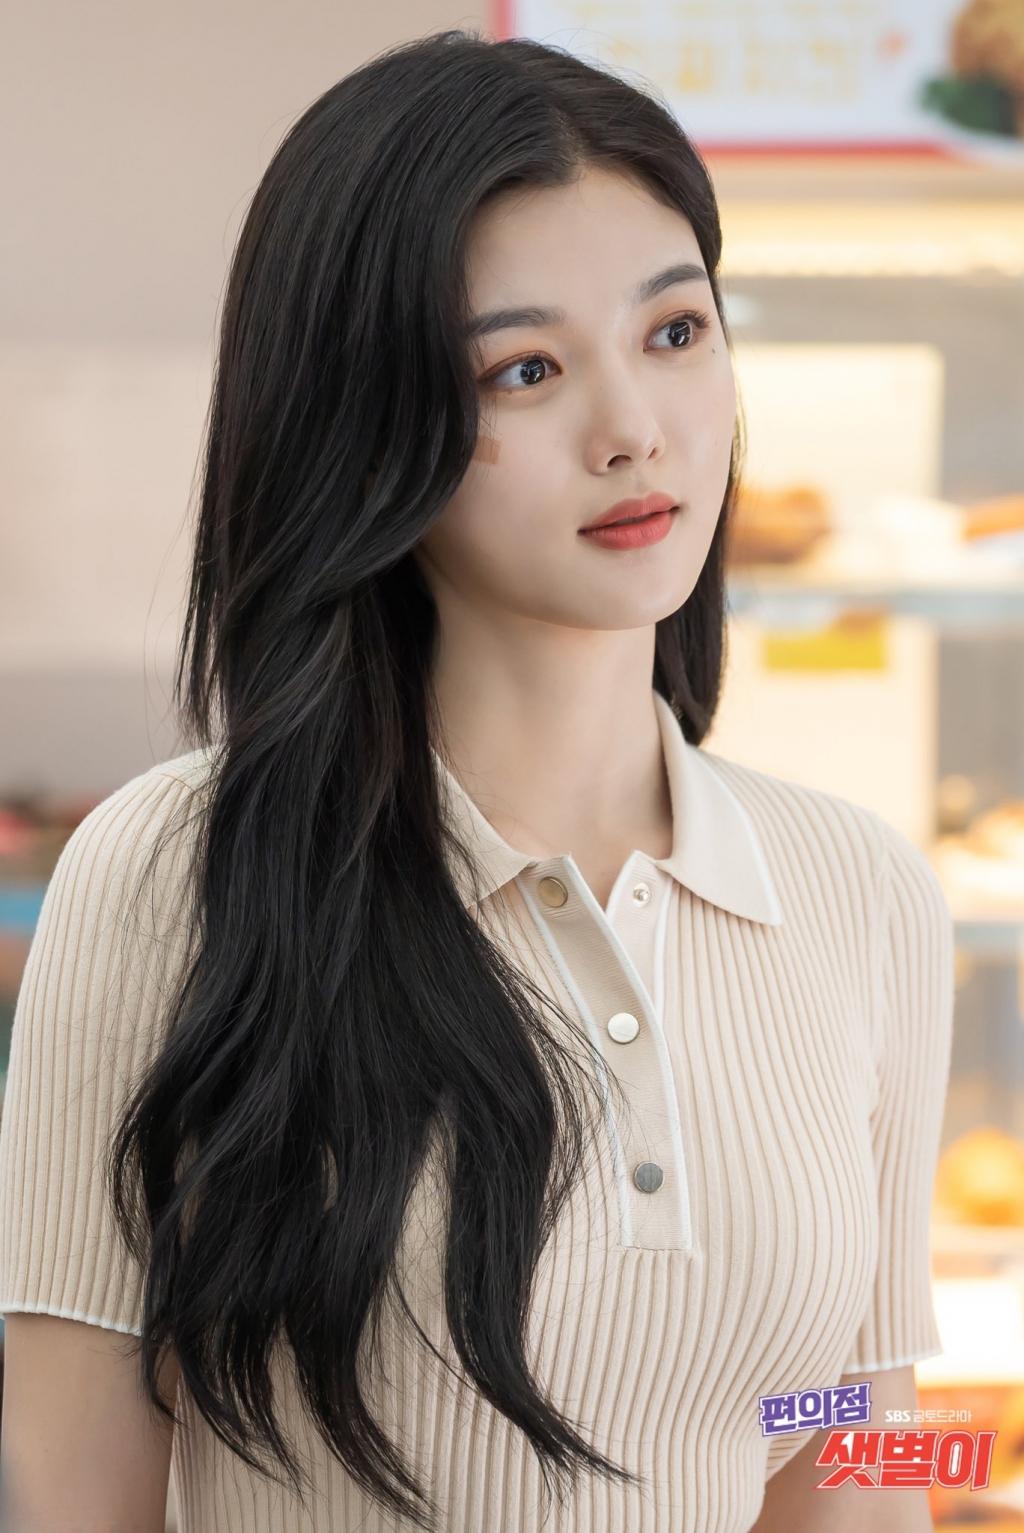 chuyen chua ke ve kim yoo jung co nhan vien dang yeu cua cua hang tien loi saet byul